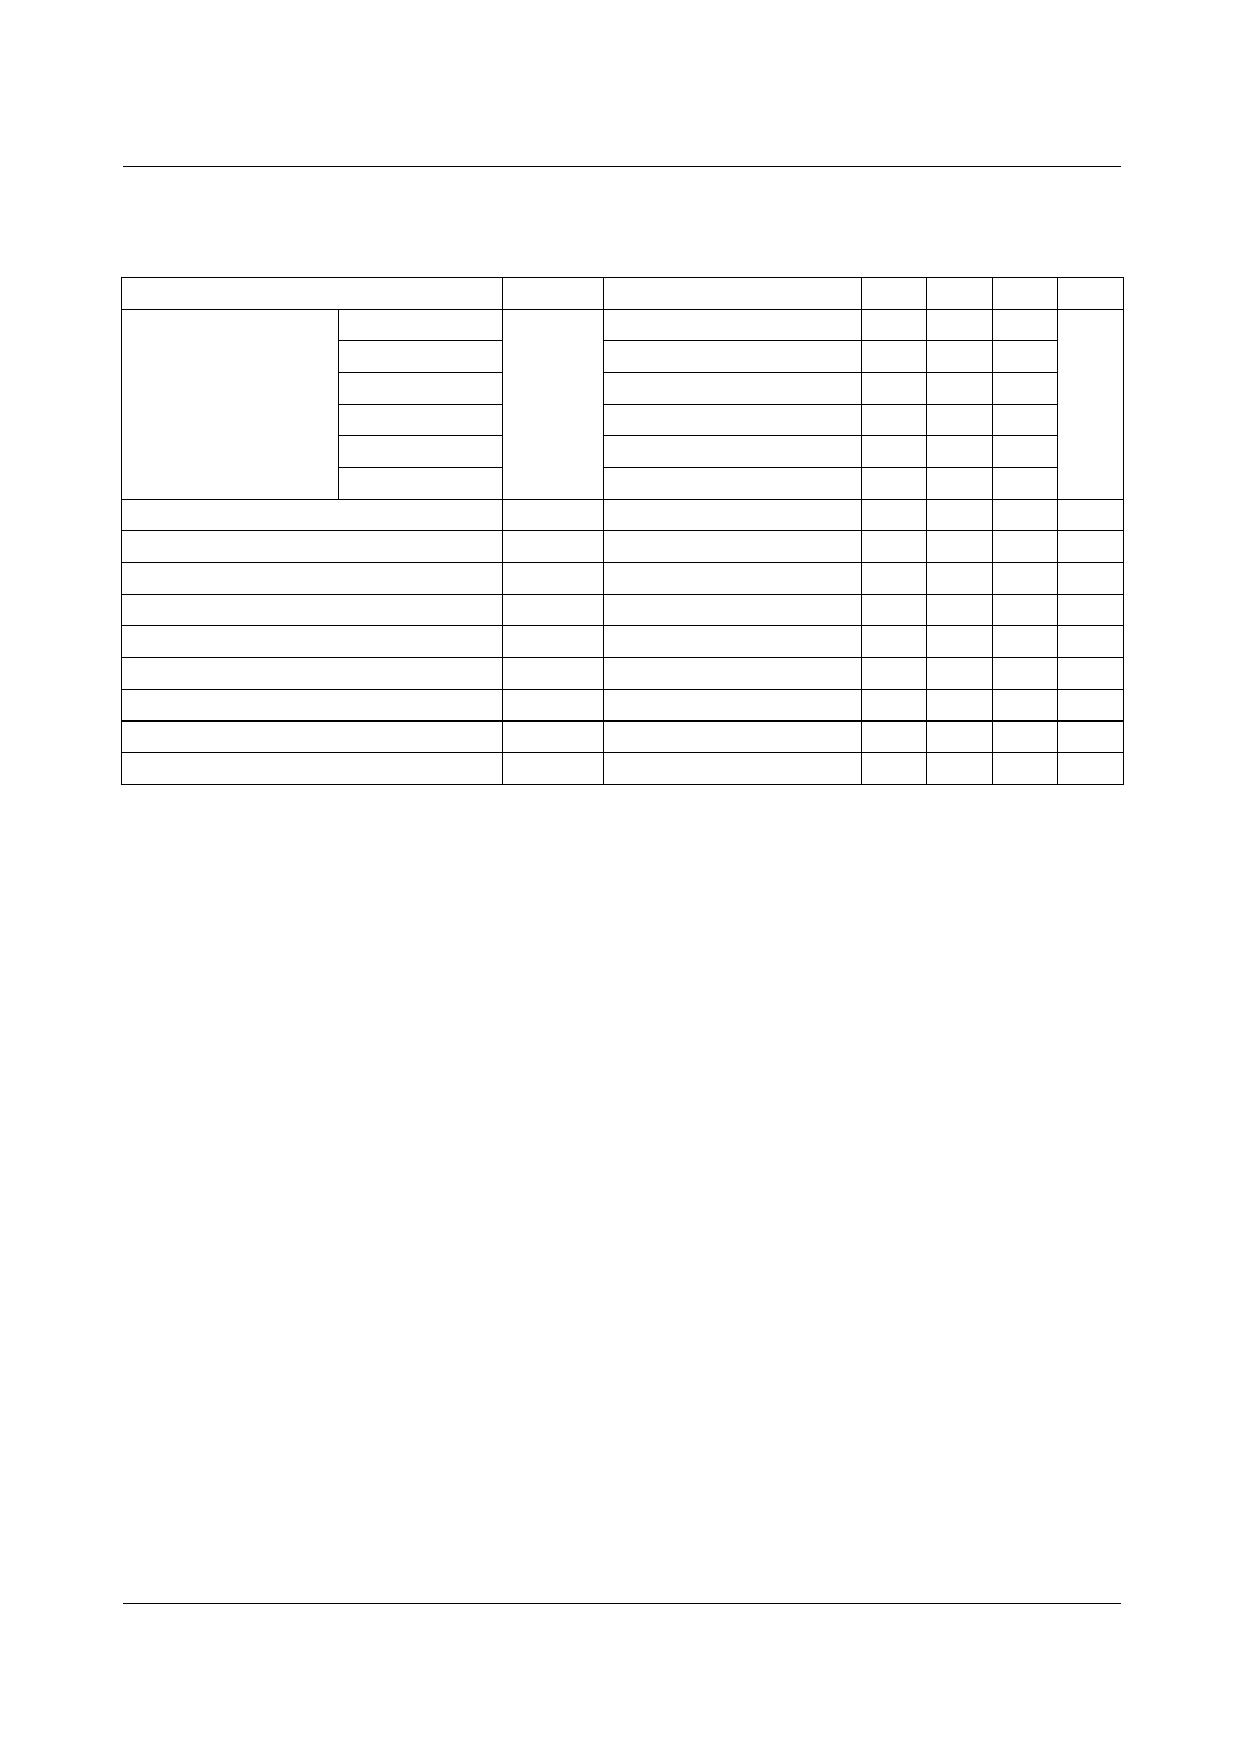 KA78R12C pdf, ピン配列